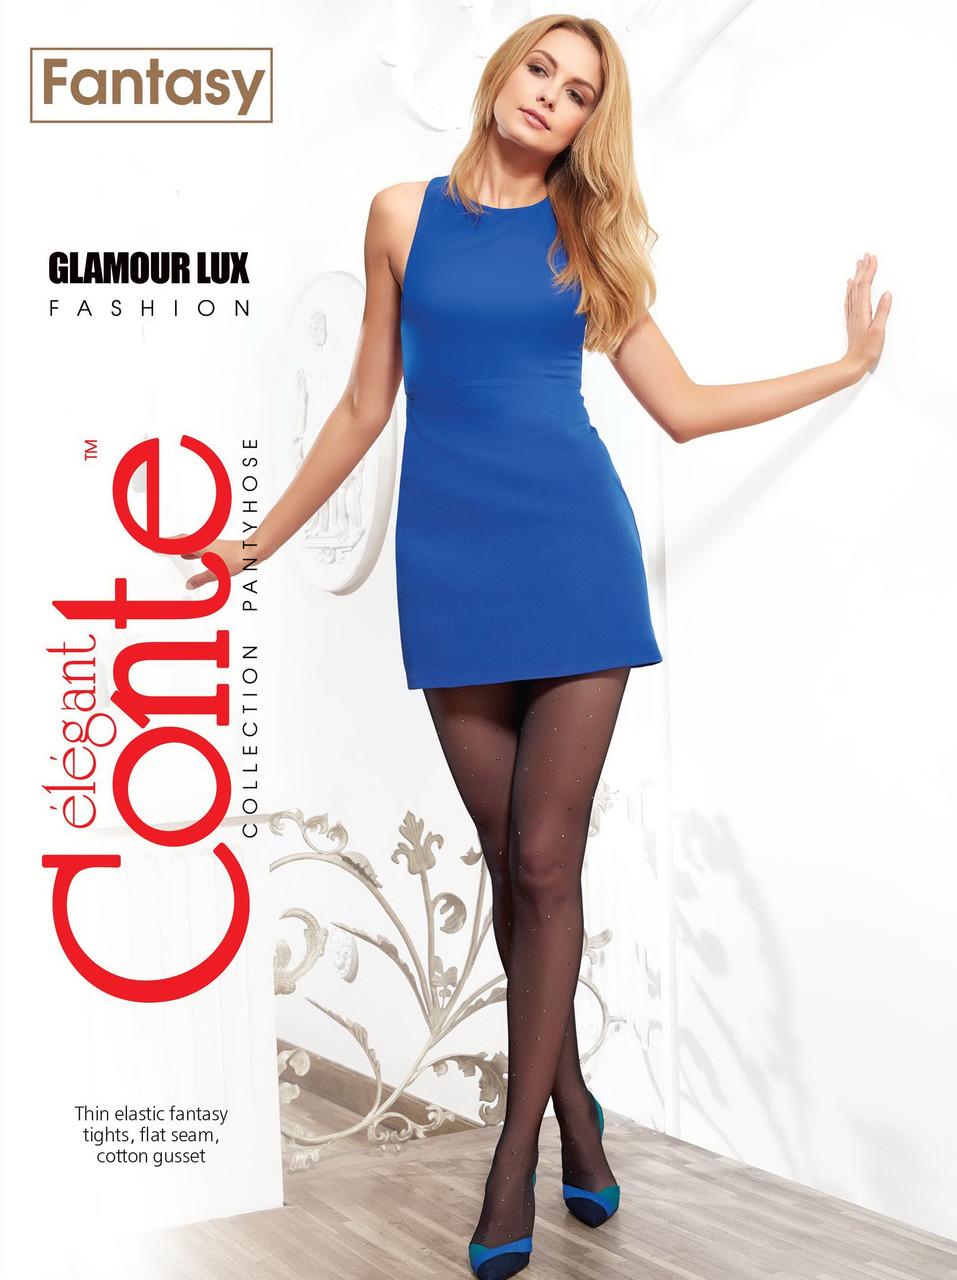 Жіночі колготки в блискучу крапку Conte fantasy glamour lux